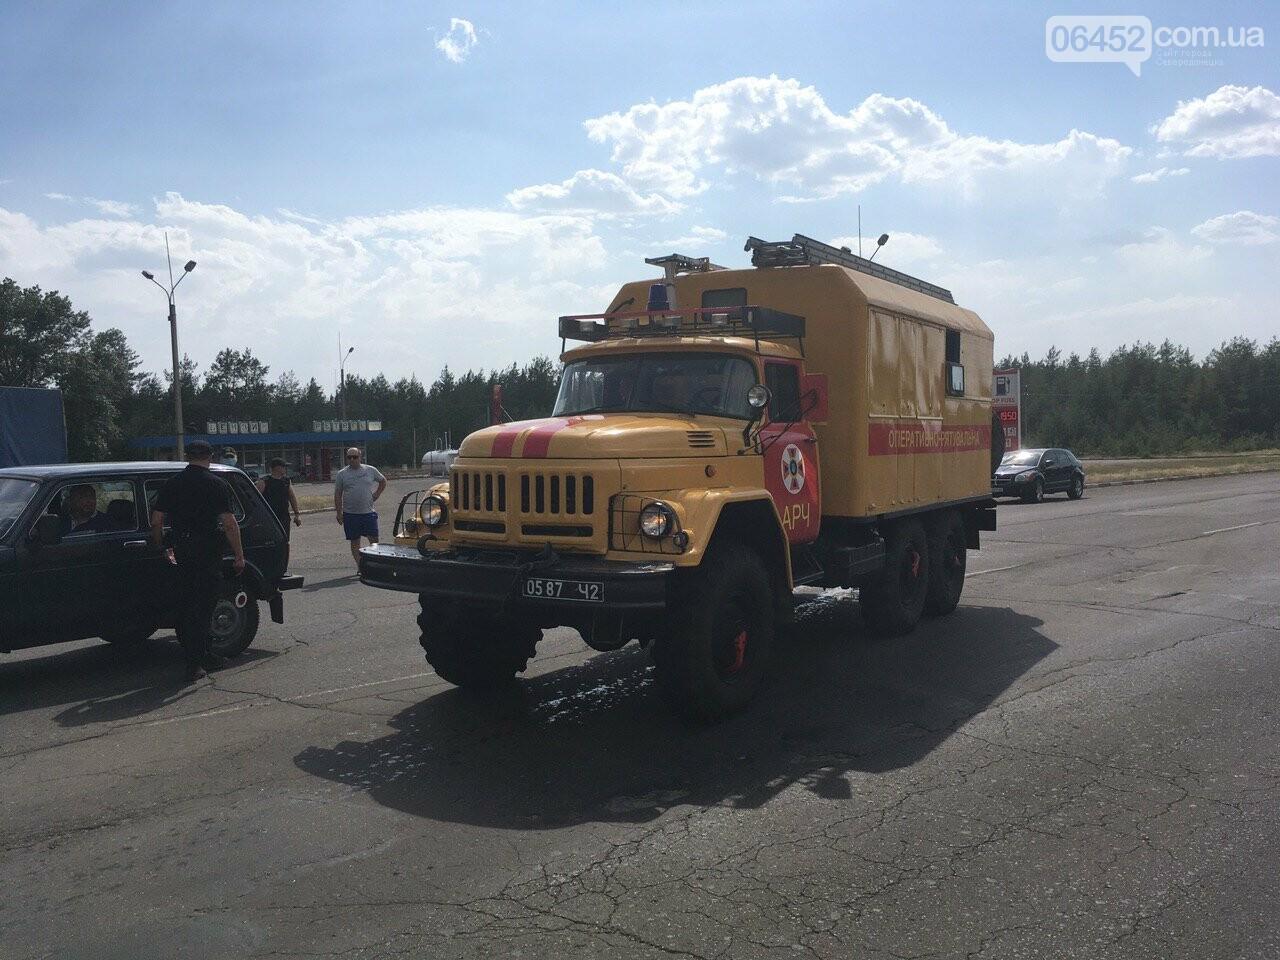 Во время лесного пожара возле Смоляниново погибли четыре человека, фото-1